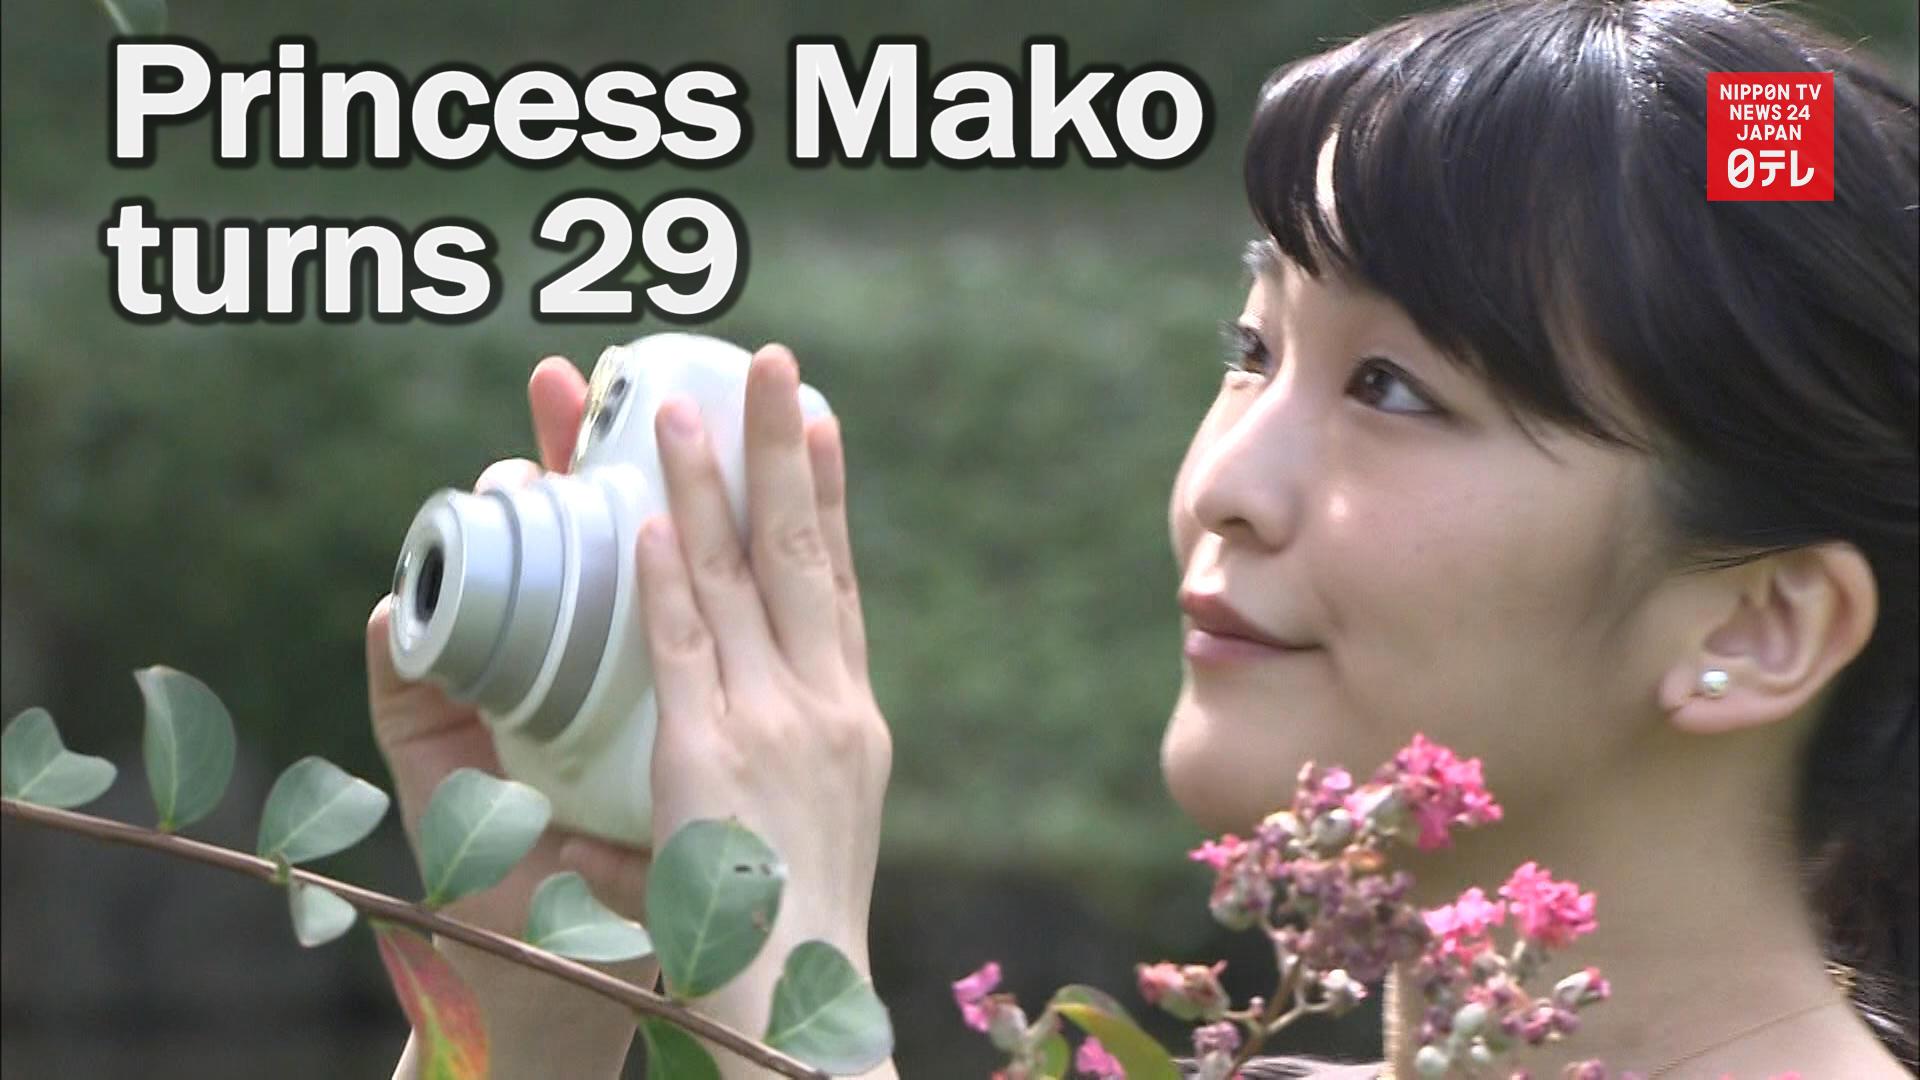 Princess Mako turns 29